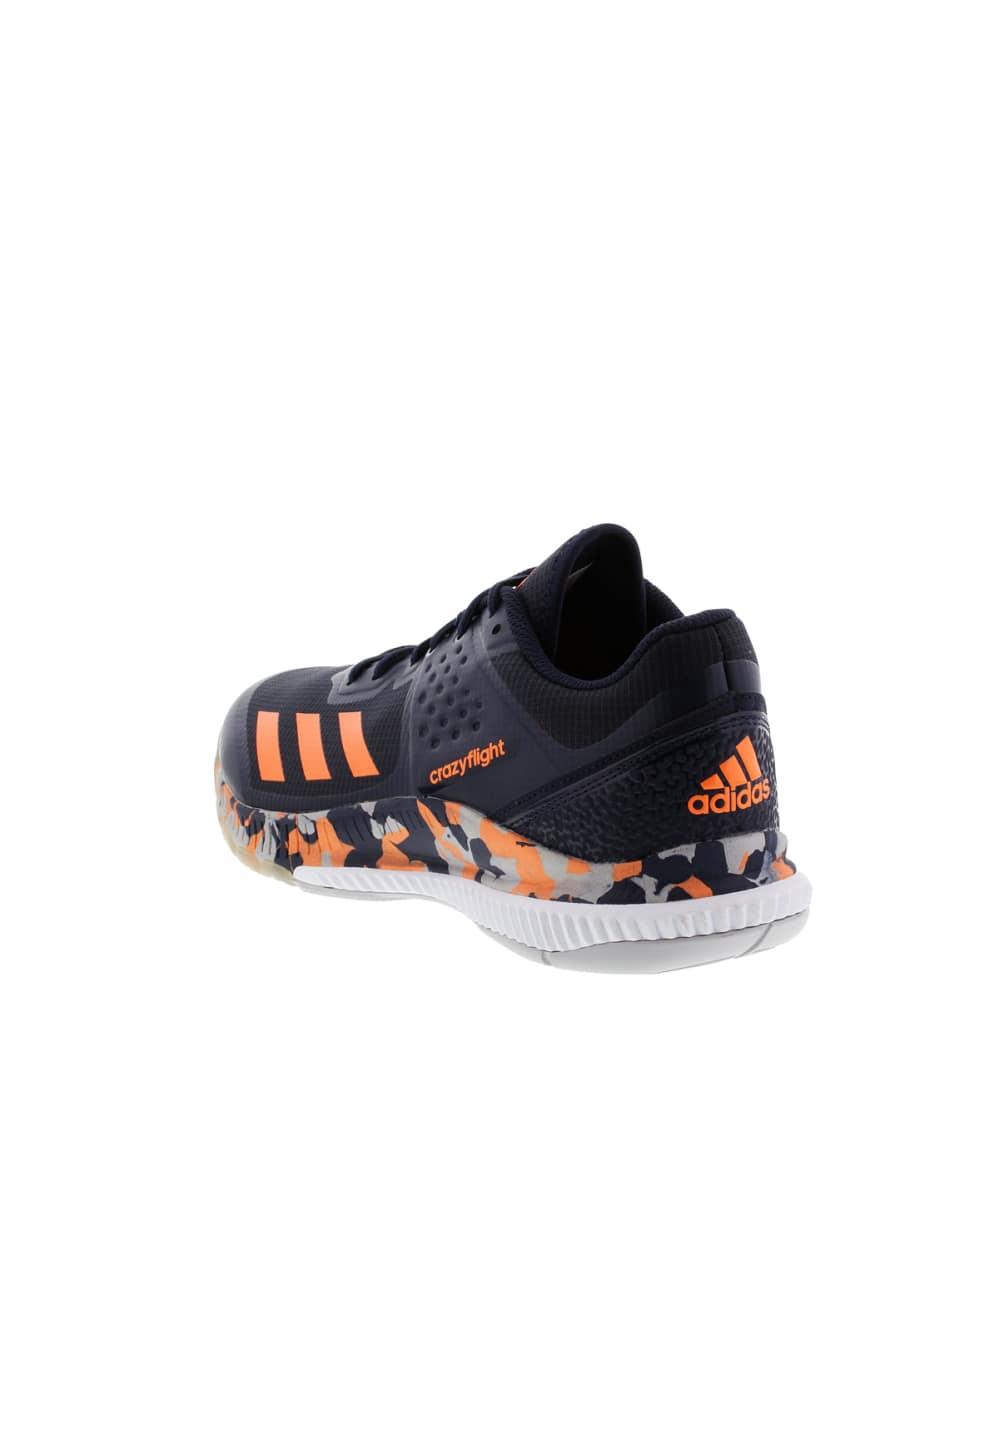 554c57c63debb adidas -crazyflight-bounce-volleyball-shoes-men-multicolor-pid-000000000010137853.jpg